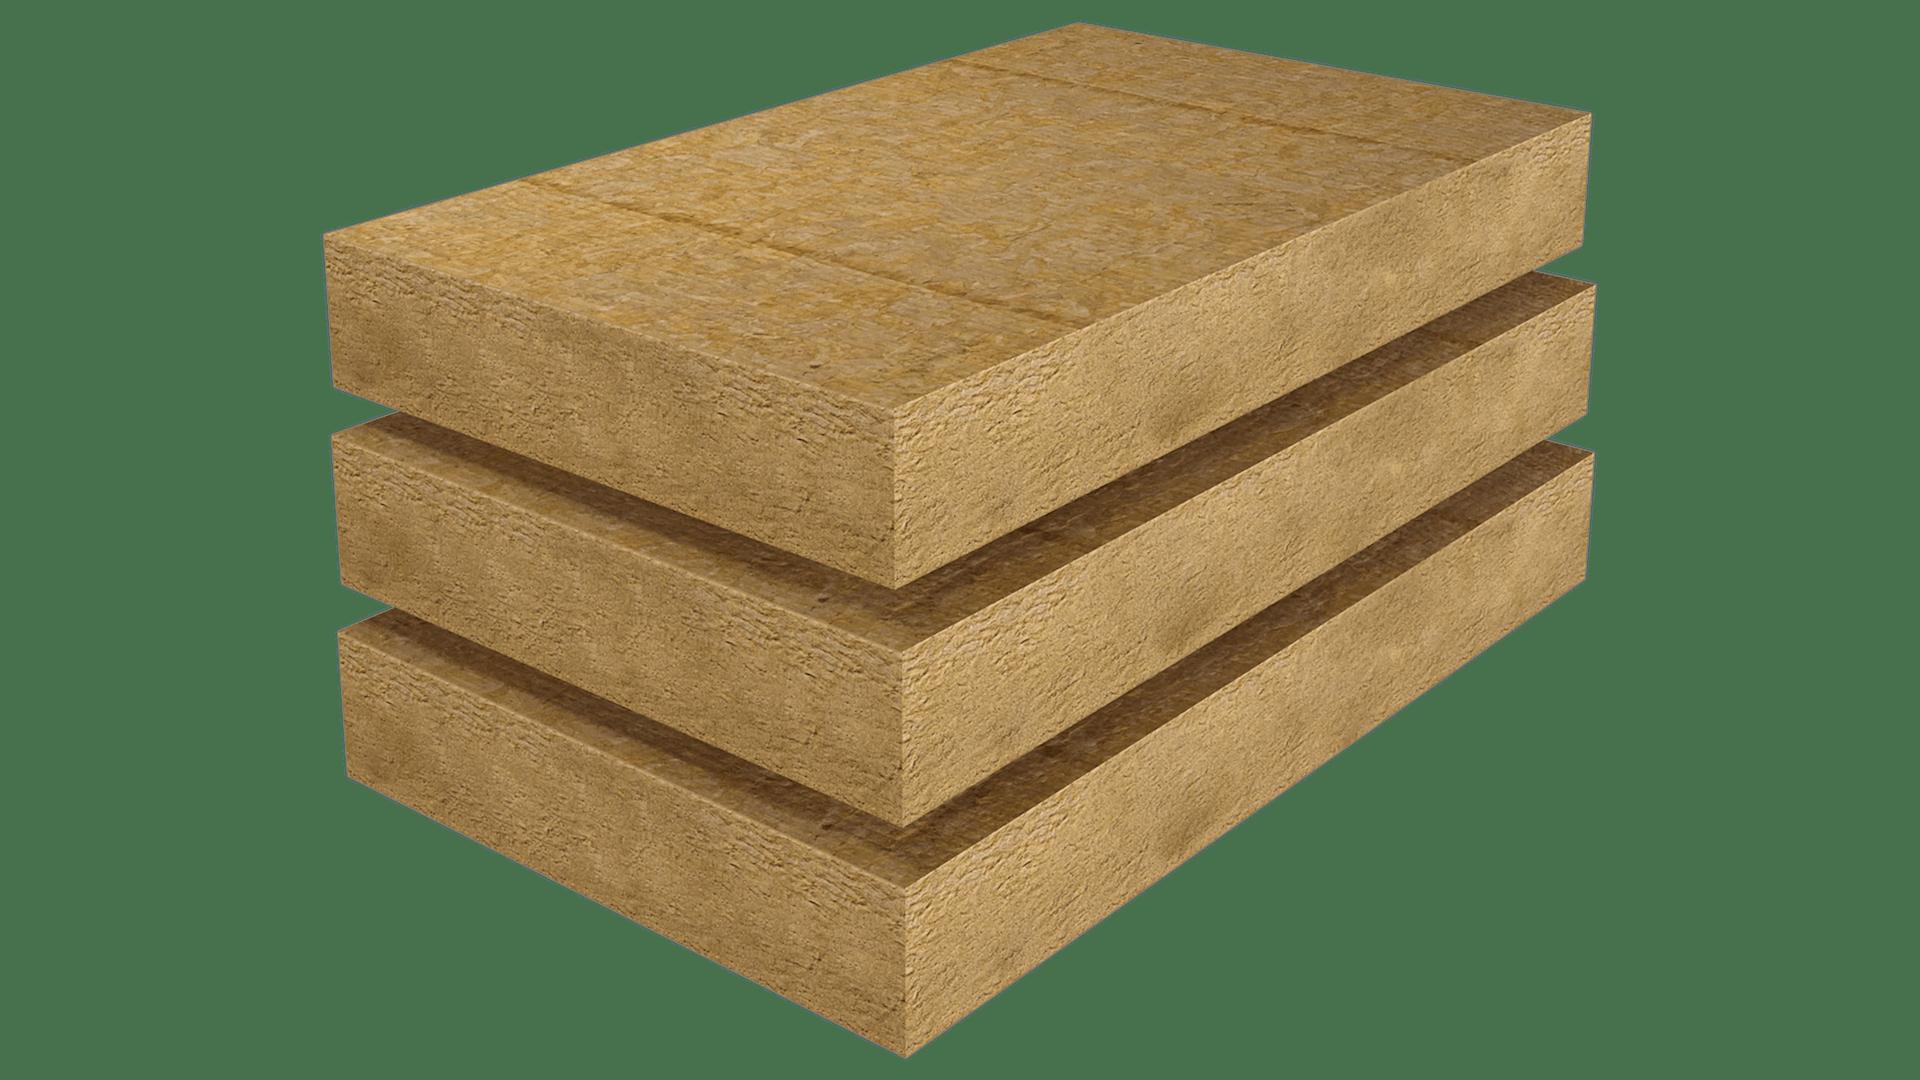 RUF BATTS D STANDART, RUF BATTS, roof, roof insulation